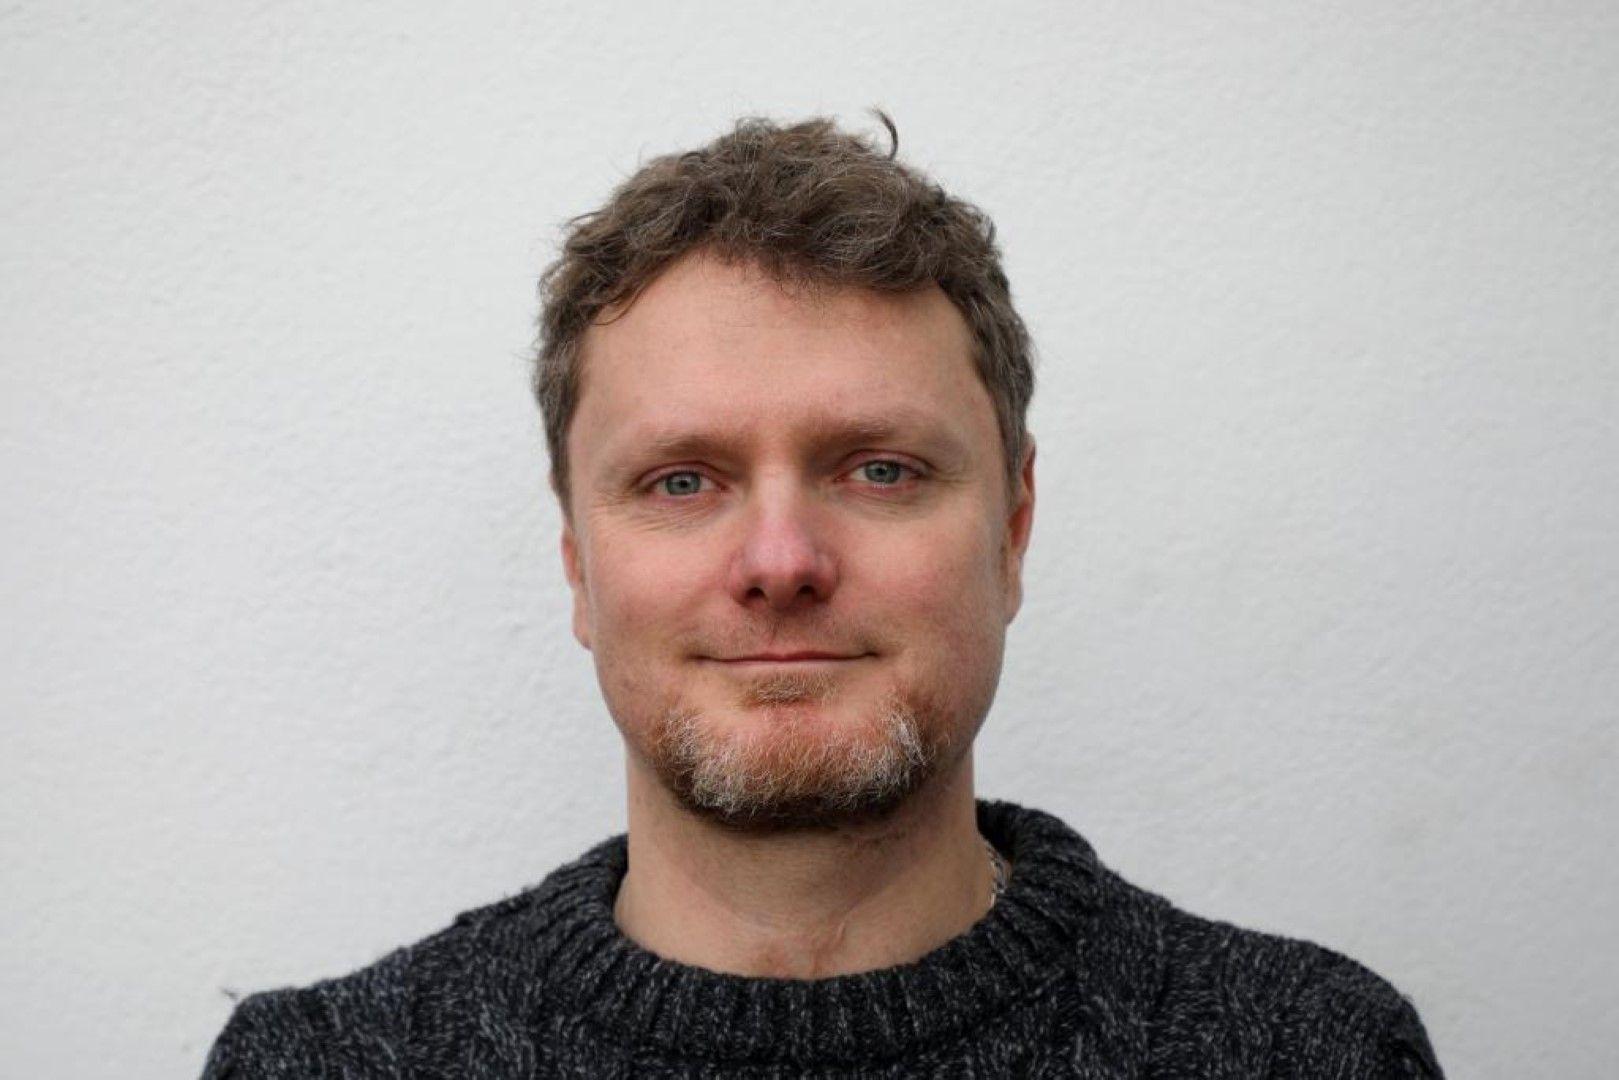 """Камен Марков снимка: Press Най-престижните награди за визуални ефекти VES Awards отличиха българина Камен Марков и екипа му в цели две категории (Outstanding Visual Effects in a Commercial и Outstanding Compositing in a Photoreal Commercial) за работата по рекламата на John Lewis """"Момчето и пианото"""" с участието на сър Елтън Джон и """"Welcome Home"""" на Apple. Камен, живеещ и развиващ се в Лондон, е главен дизайнер и технически ръководител на проекта; ръководи екип от около 40 специалисти, част от водещата международна VFX компания MPC. Специалистите казват, че """"Момчето и пианото"""" е огромно предизвикателство, създадено с необичайни творчески идеи, от техническа гледна точка, а VFX подходът на Марков намират за уникален по рода си, поради нечестата му срещаност в създаването на реклами - обикновено се използва в игрални филми. Чрез специален софтуер и голям набор от фотографски и филмови референции, Камен и екипът му успяват да пресъздадат етапи от живота на Елтън Джон в прецизни детайли. Камен започва развитието си в областта тук, на родна земя, но в условията на все още недотам развития ни рекламен, кино и музикален пазар. Амбициите му го отвеждат в Мексико, а оттам нататък всичко вече е история."""